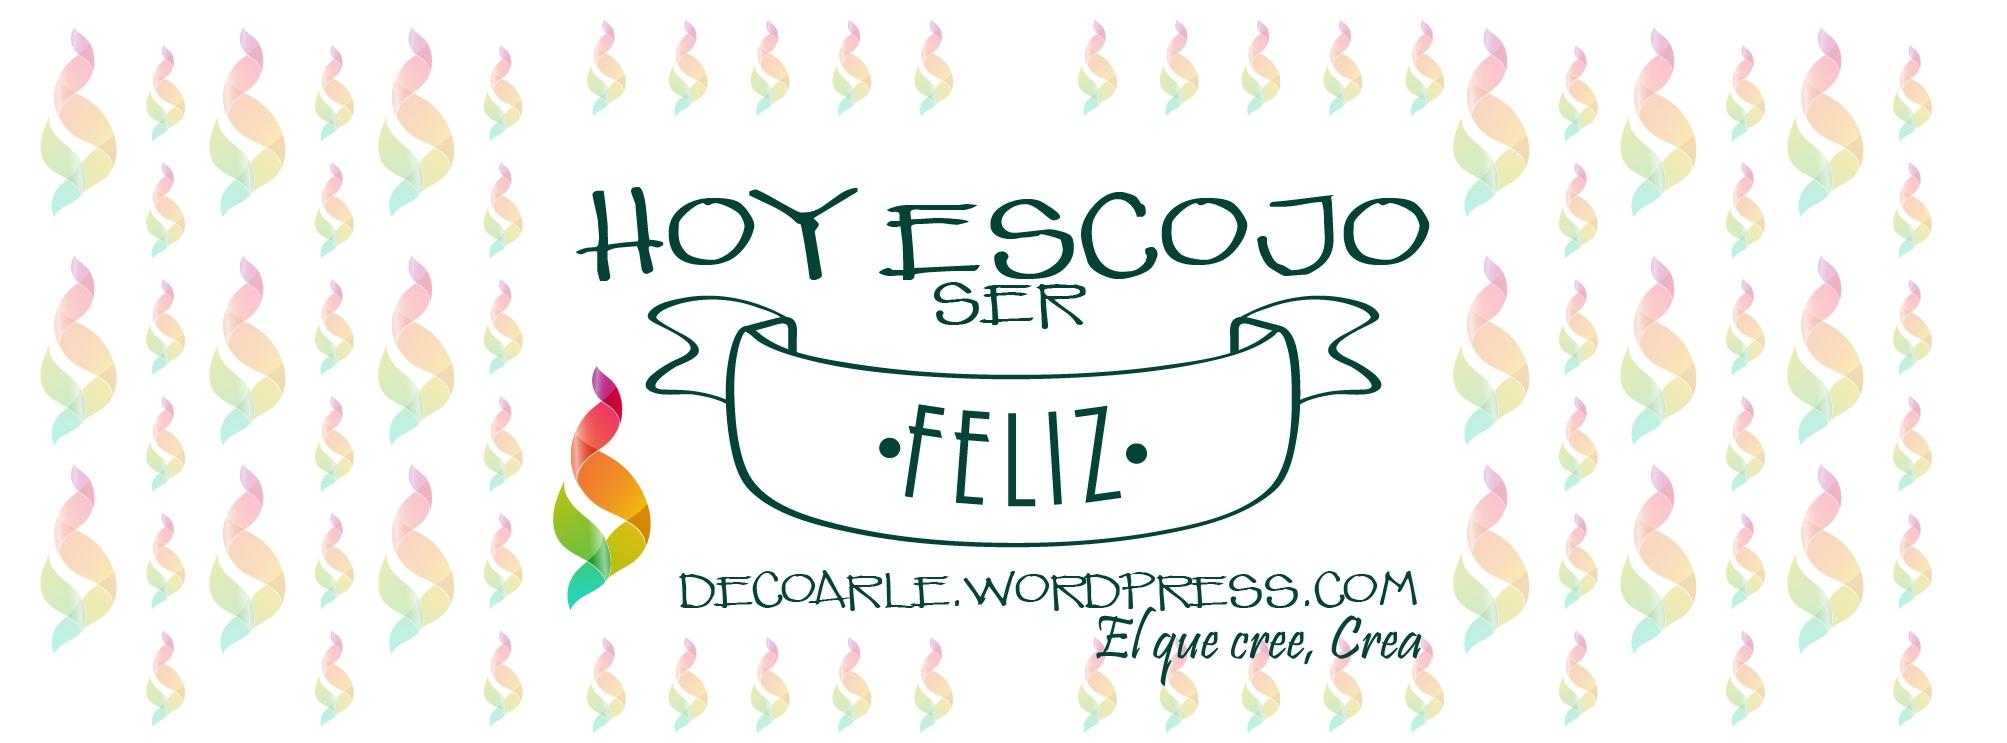 DecoArle (@decoarle) Cover Image